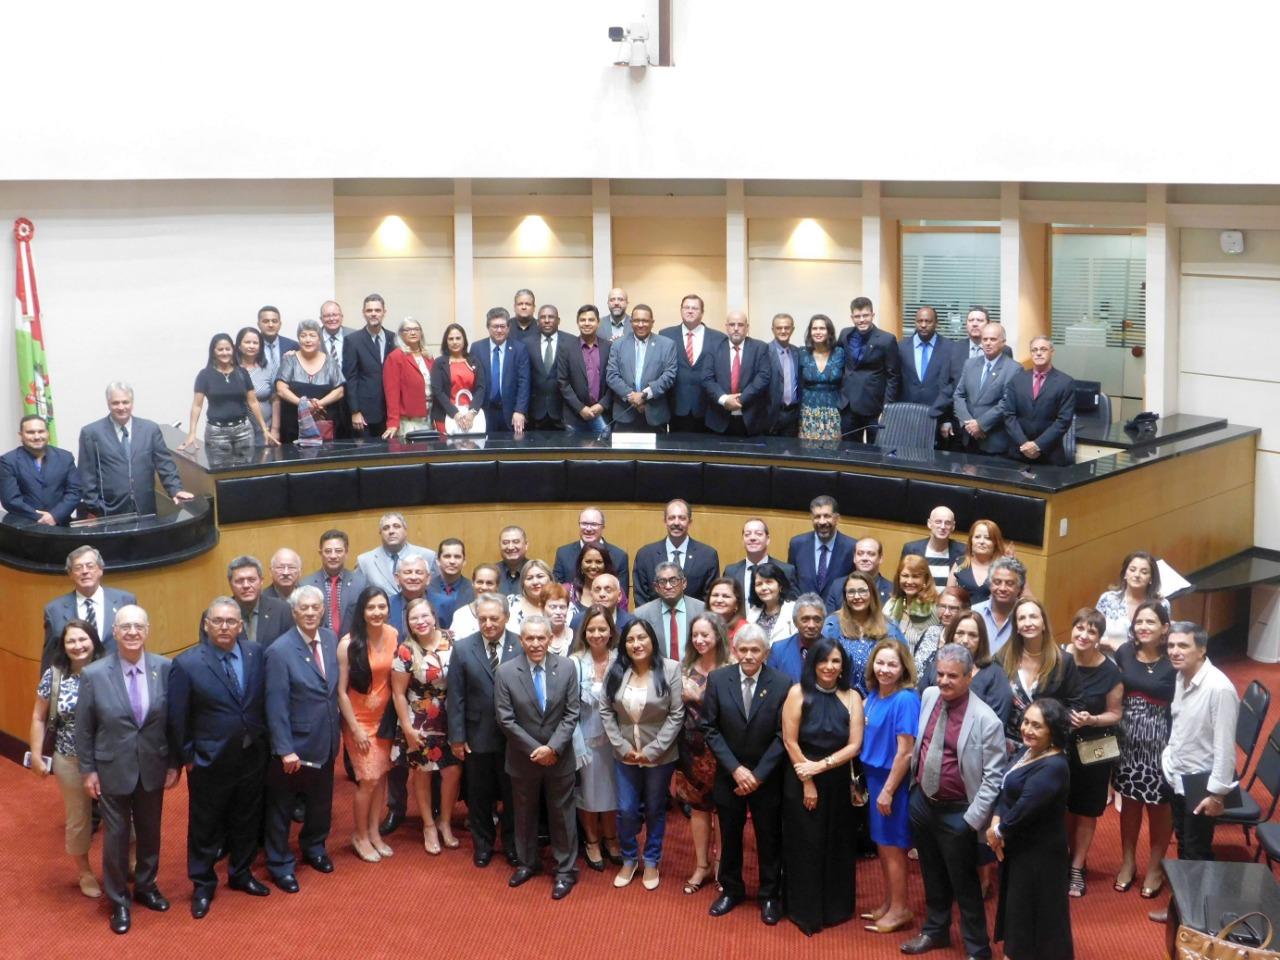 Fenale inicia seu 41º Encontro Estadual em Sessão Solene na Alesc